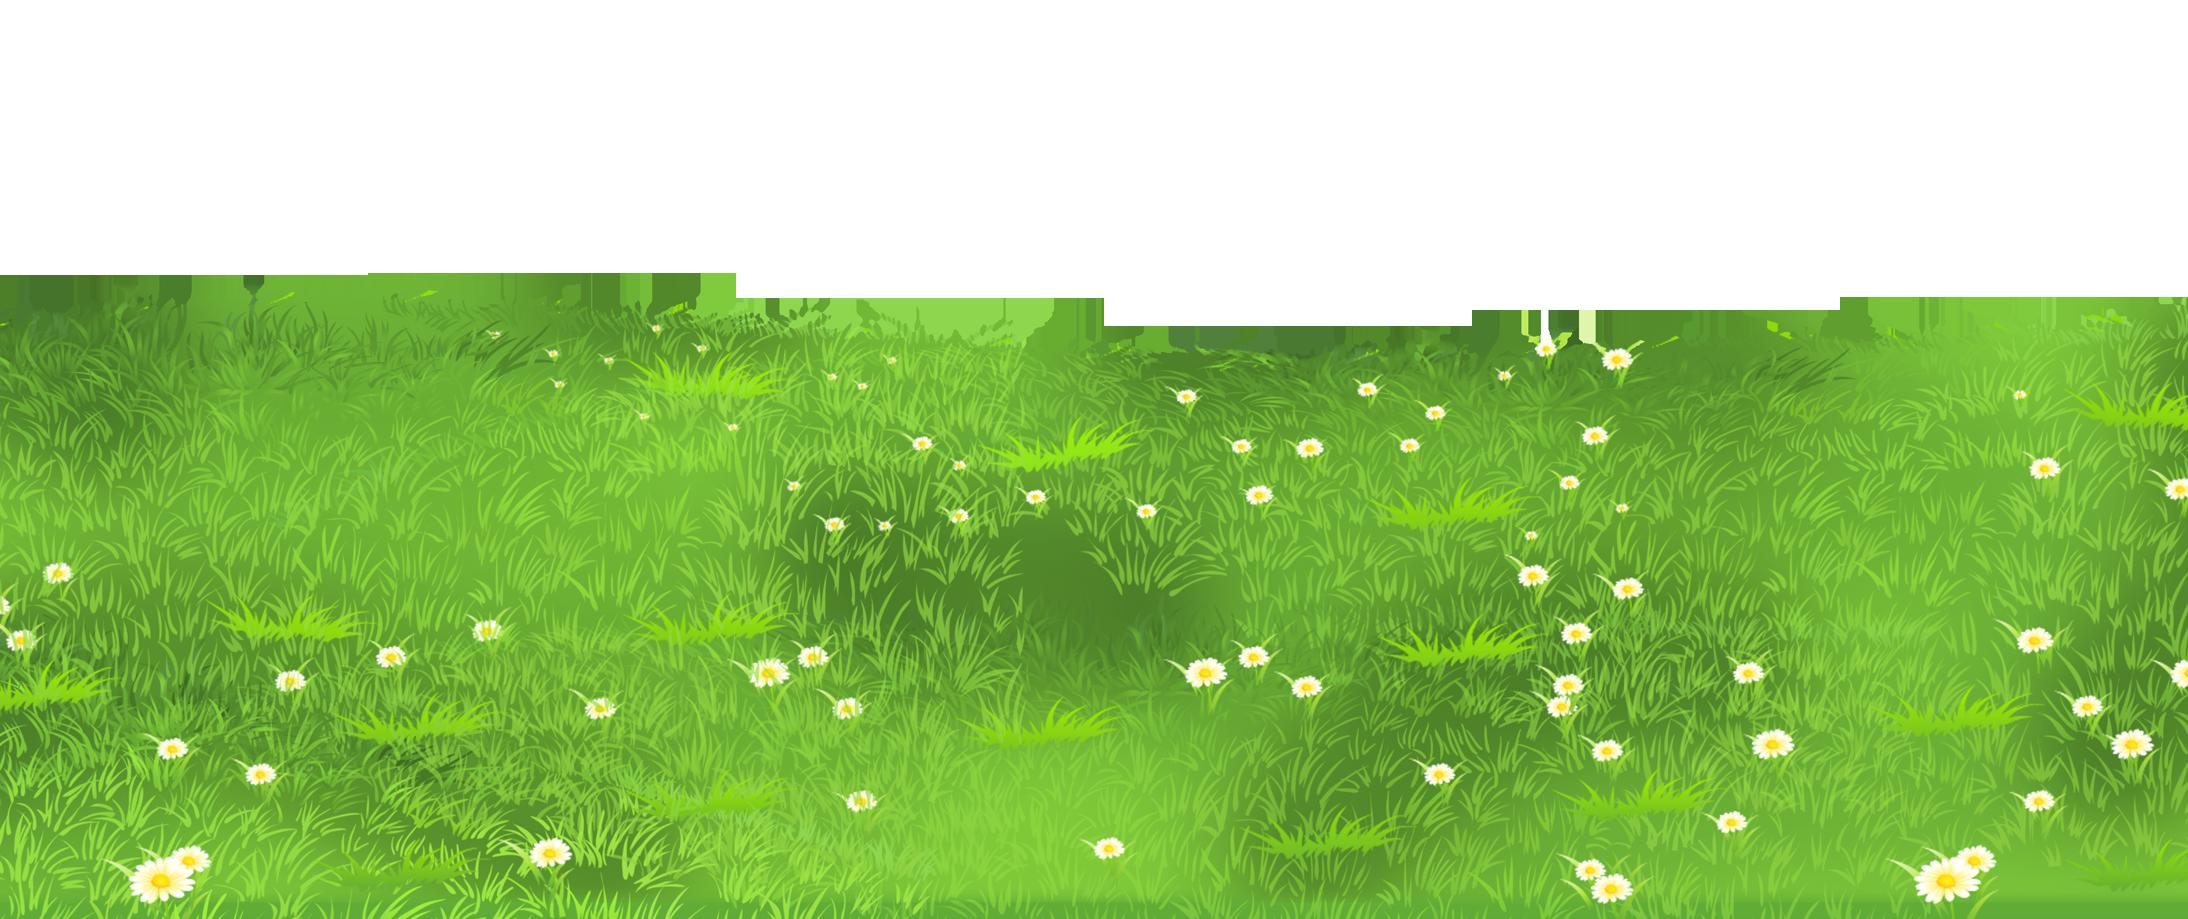 Grass clipart 11